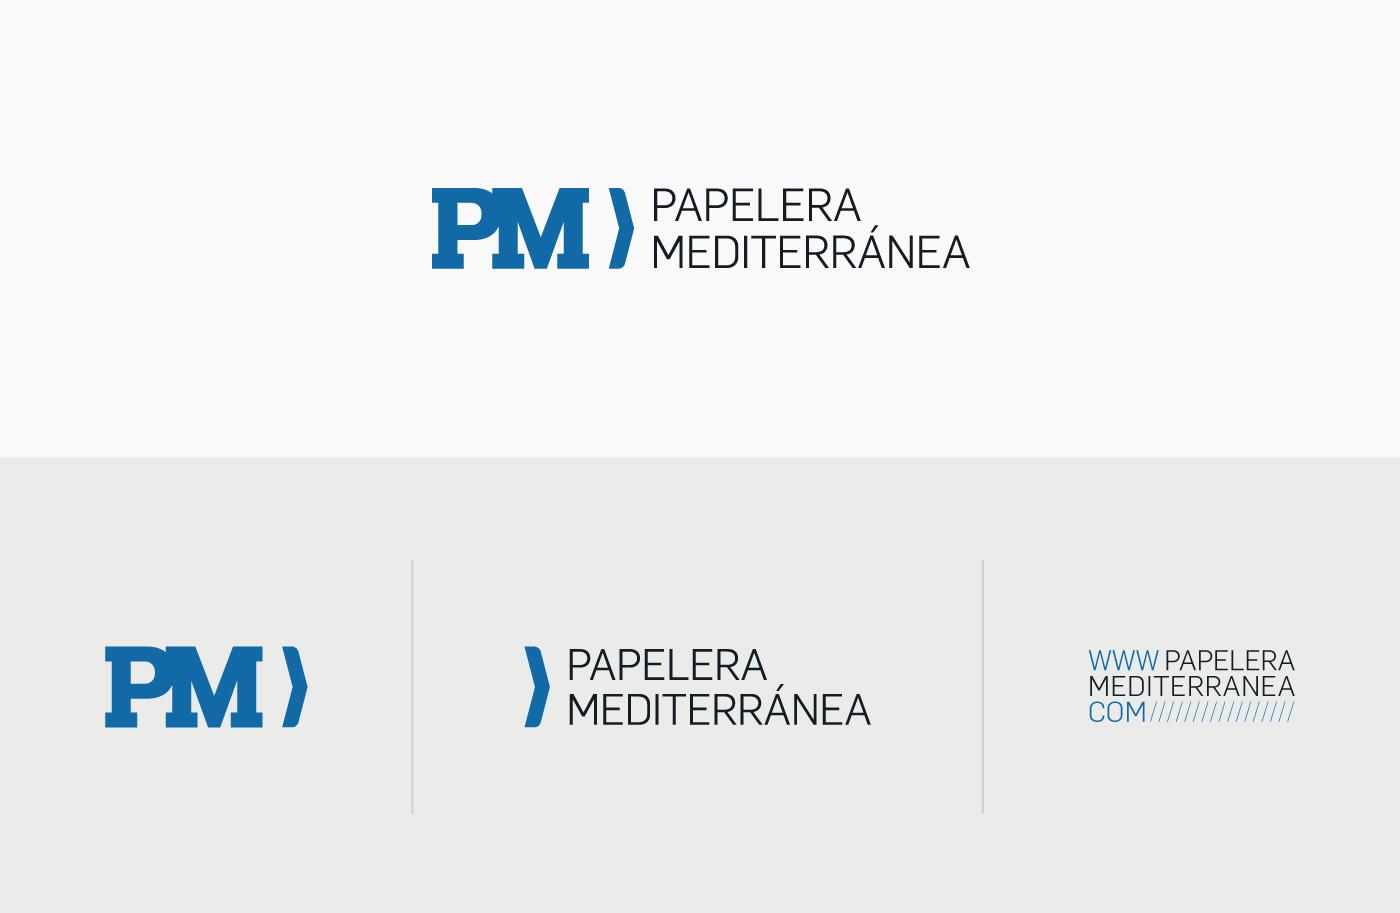 Papelera Mediterránea